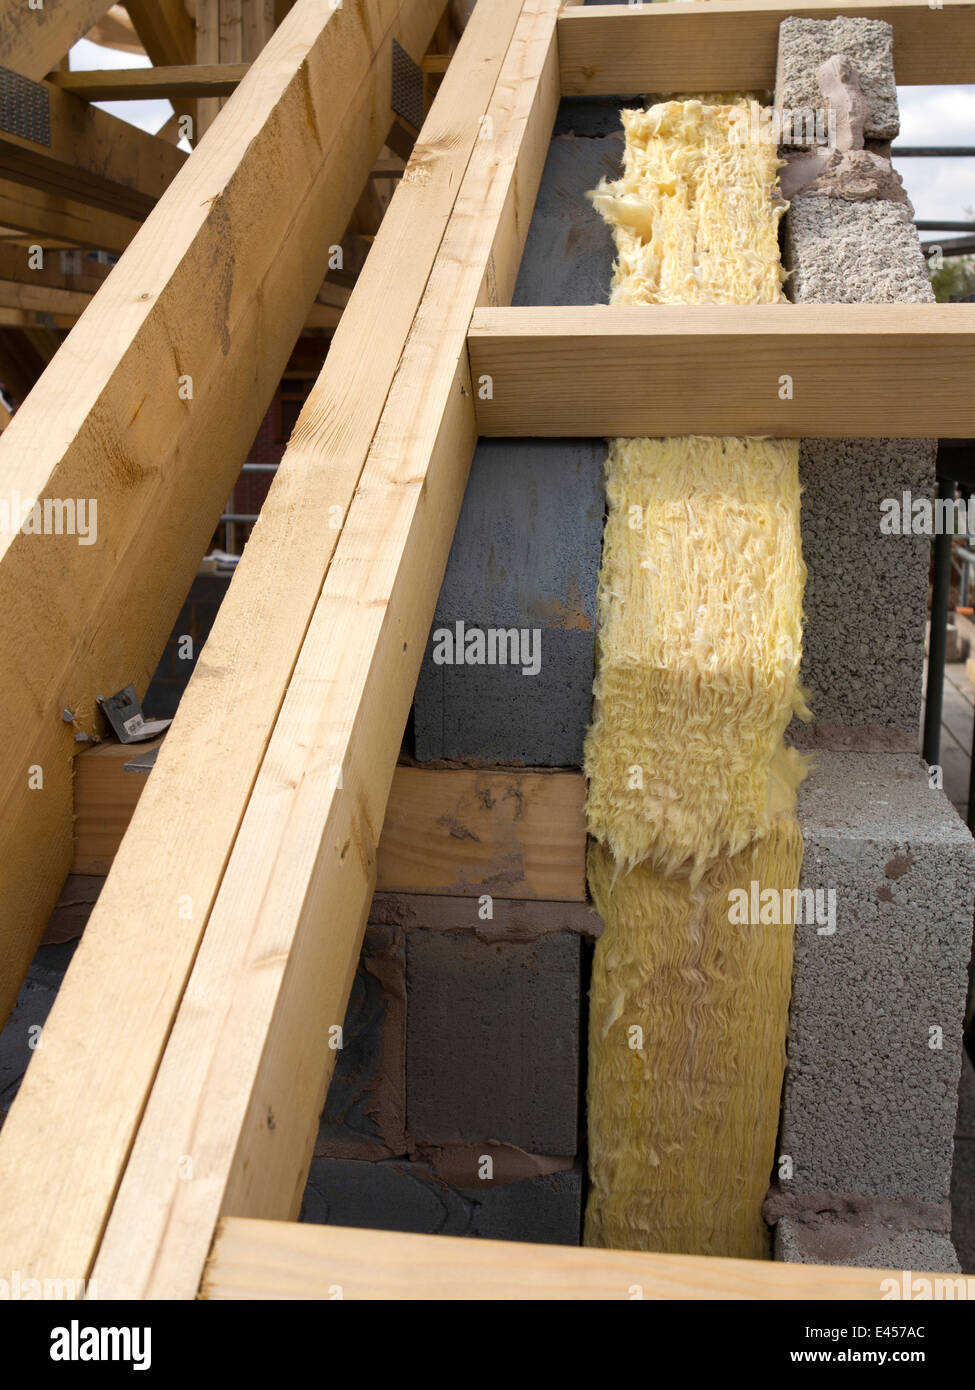 Wärmedämmung Beim Hausbau selbst hausbau, isolierte wände, 100 mm wärmedämmung ausgestattet